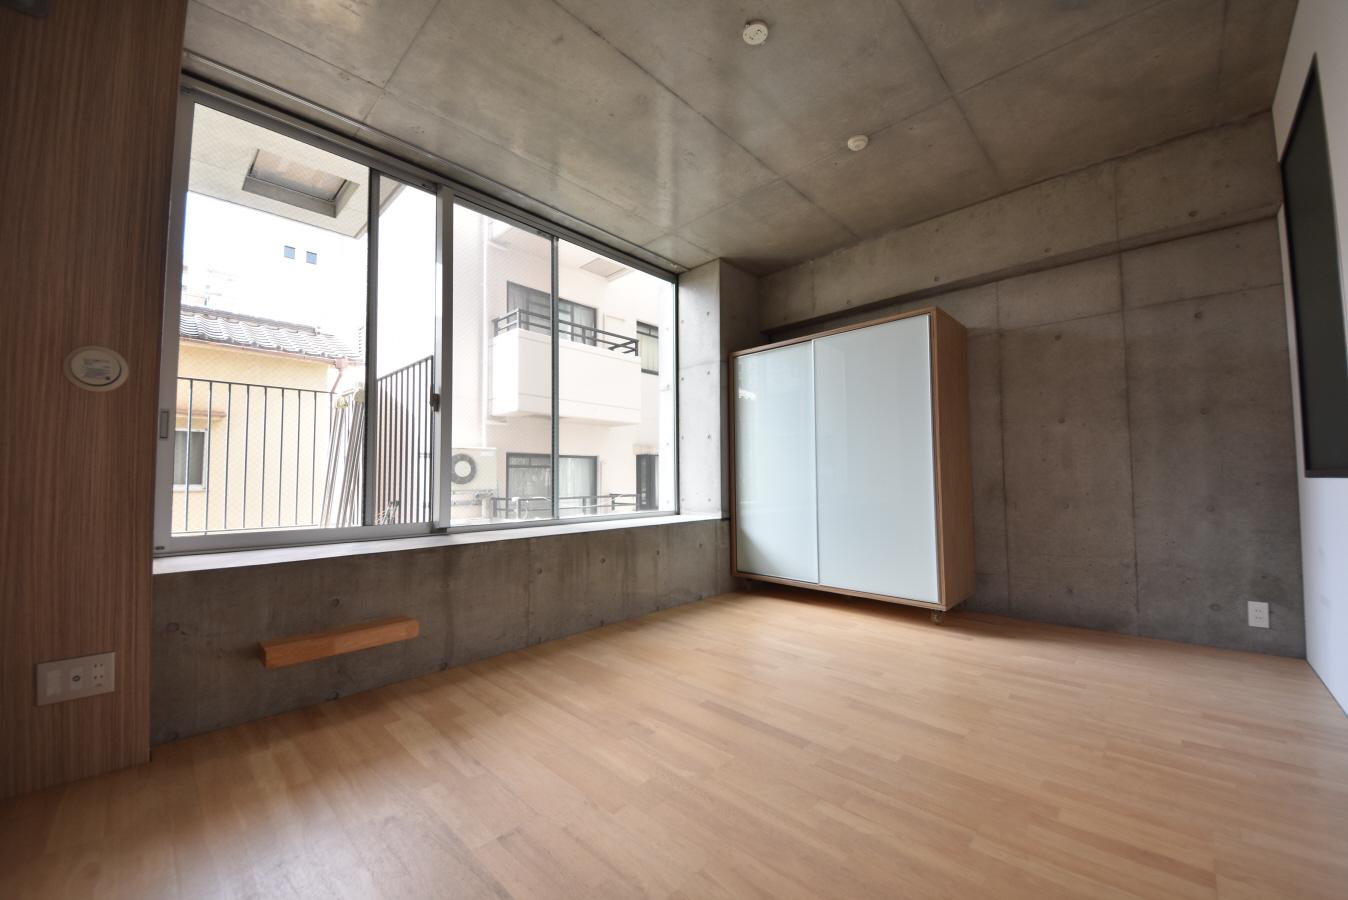 物件番号: 1025884063 East Village SANNOMIYA  神戸市中央区琴ノ緒町4丁目 1R マンション 画像1